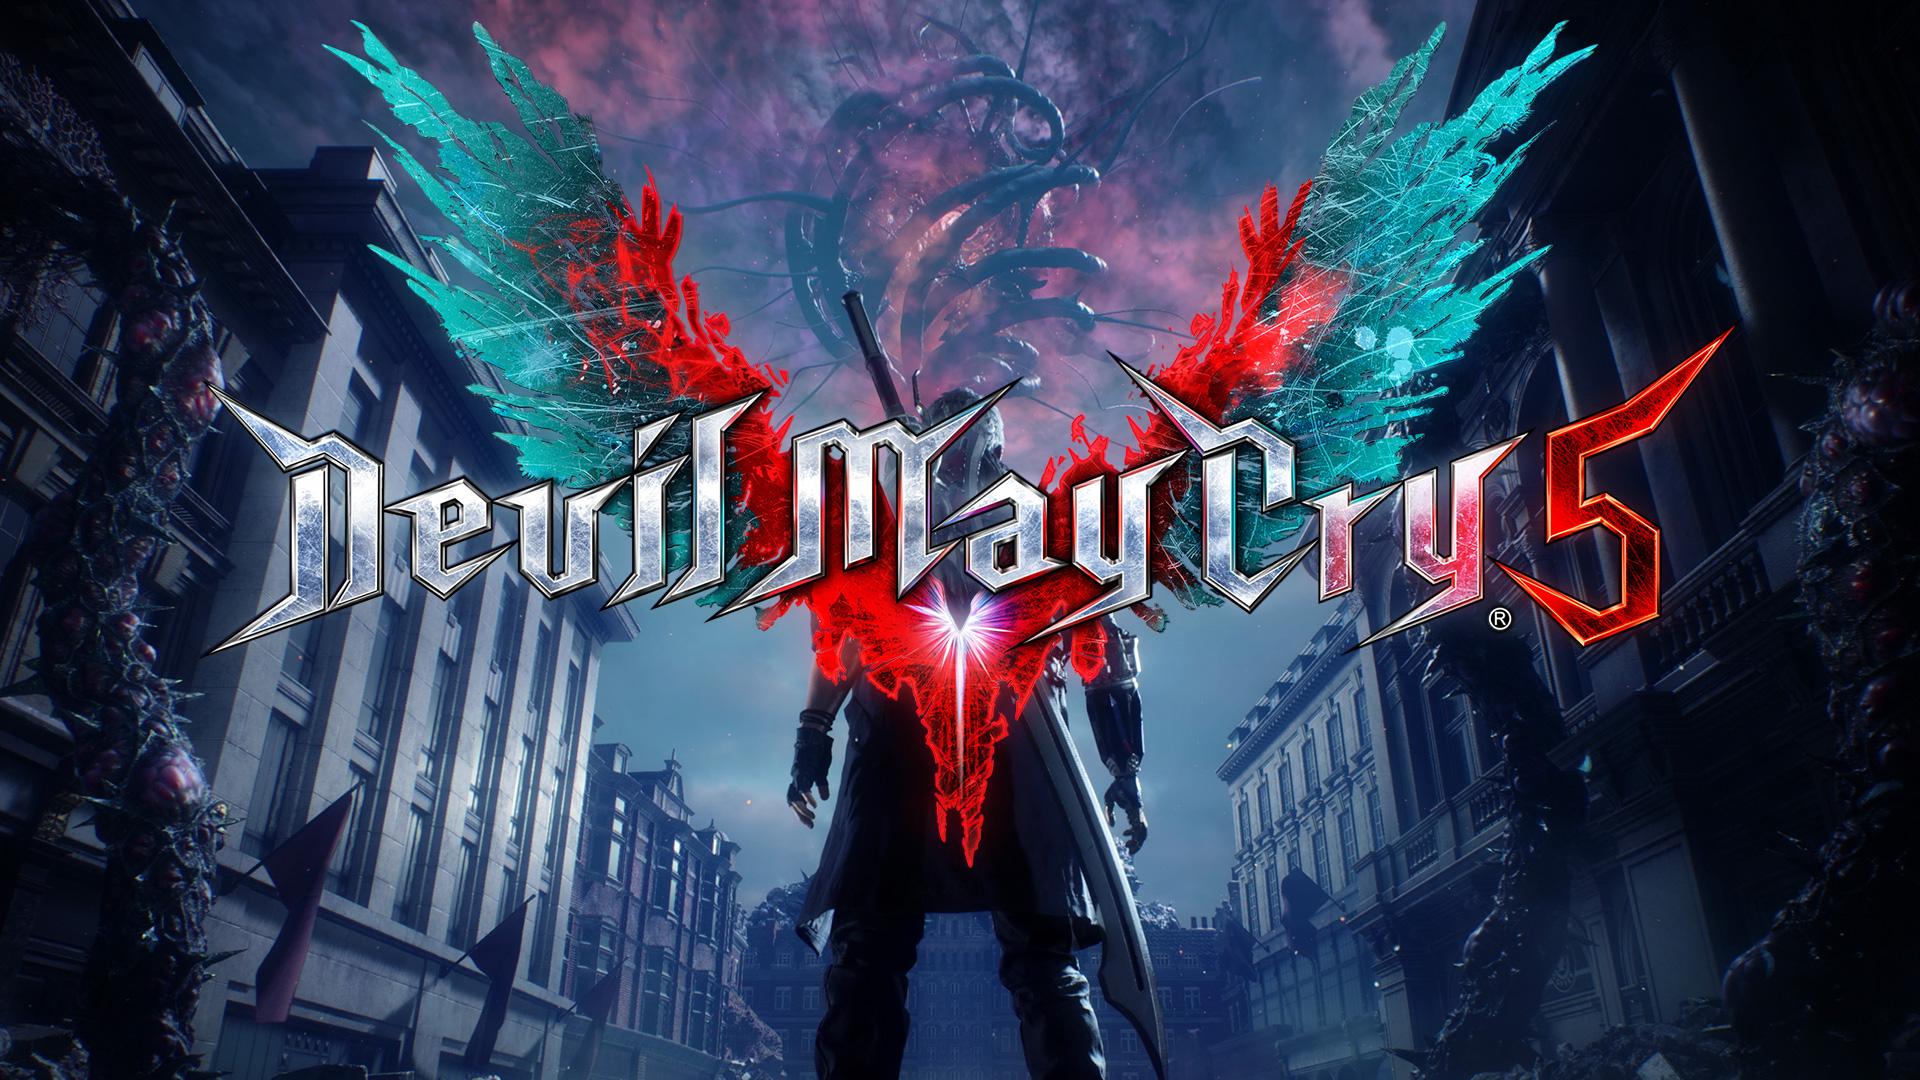 devil may cry 3 original soundtrack torrent